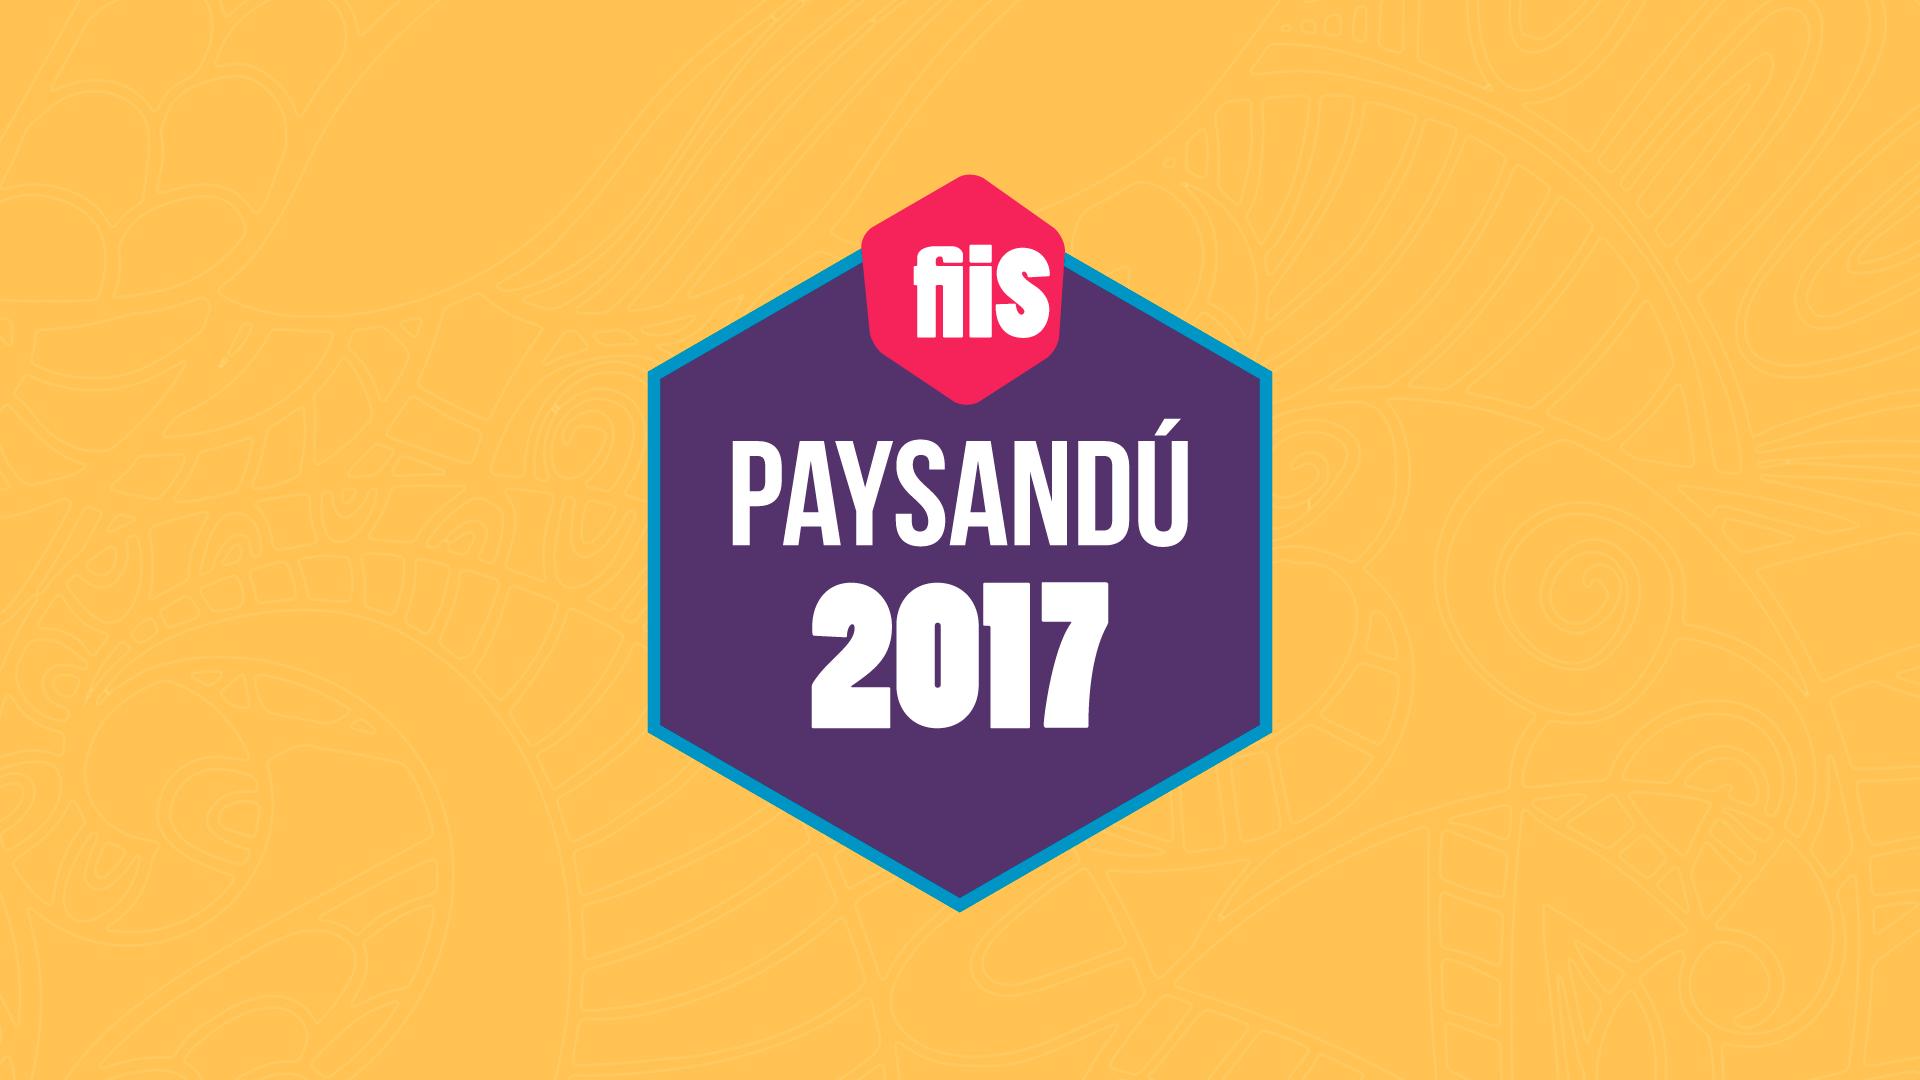 fiiS Paysandú 2017